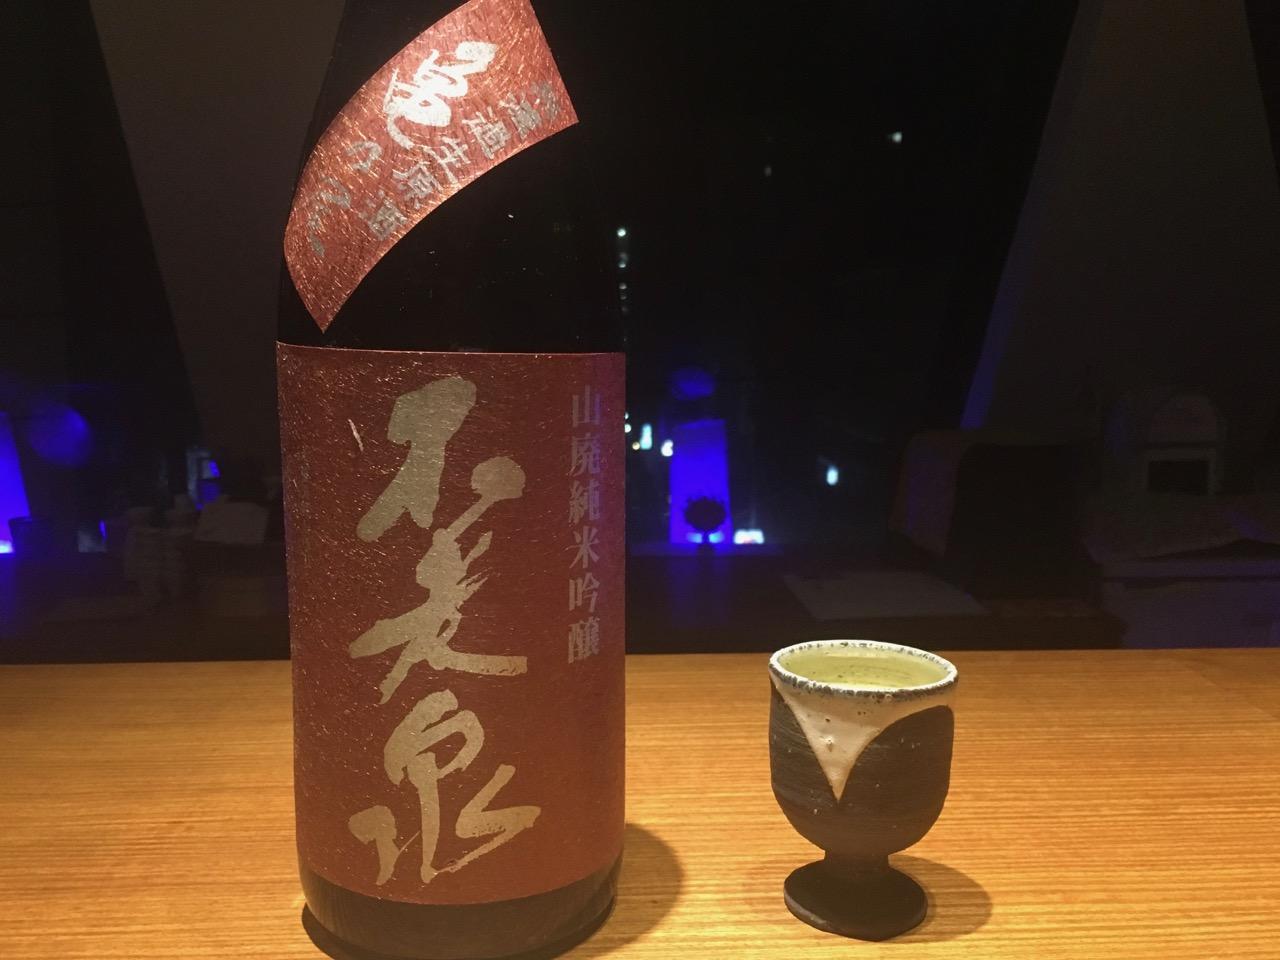 不老泉 山廃仕込 純米吟醸 亀の尾 無濾過生原酒 27BY|日本酒テイスティングノート